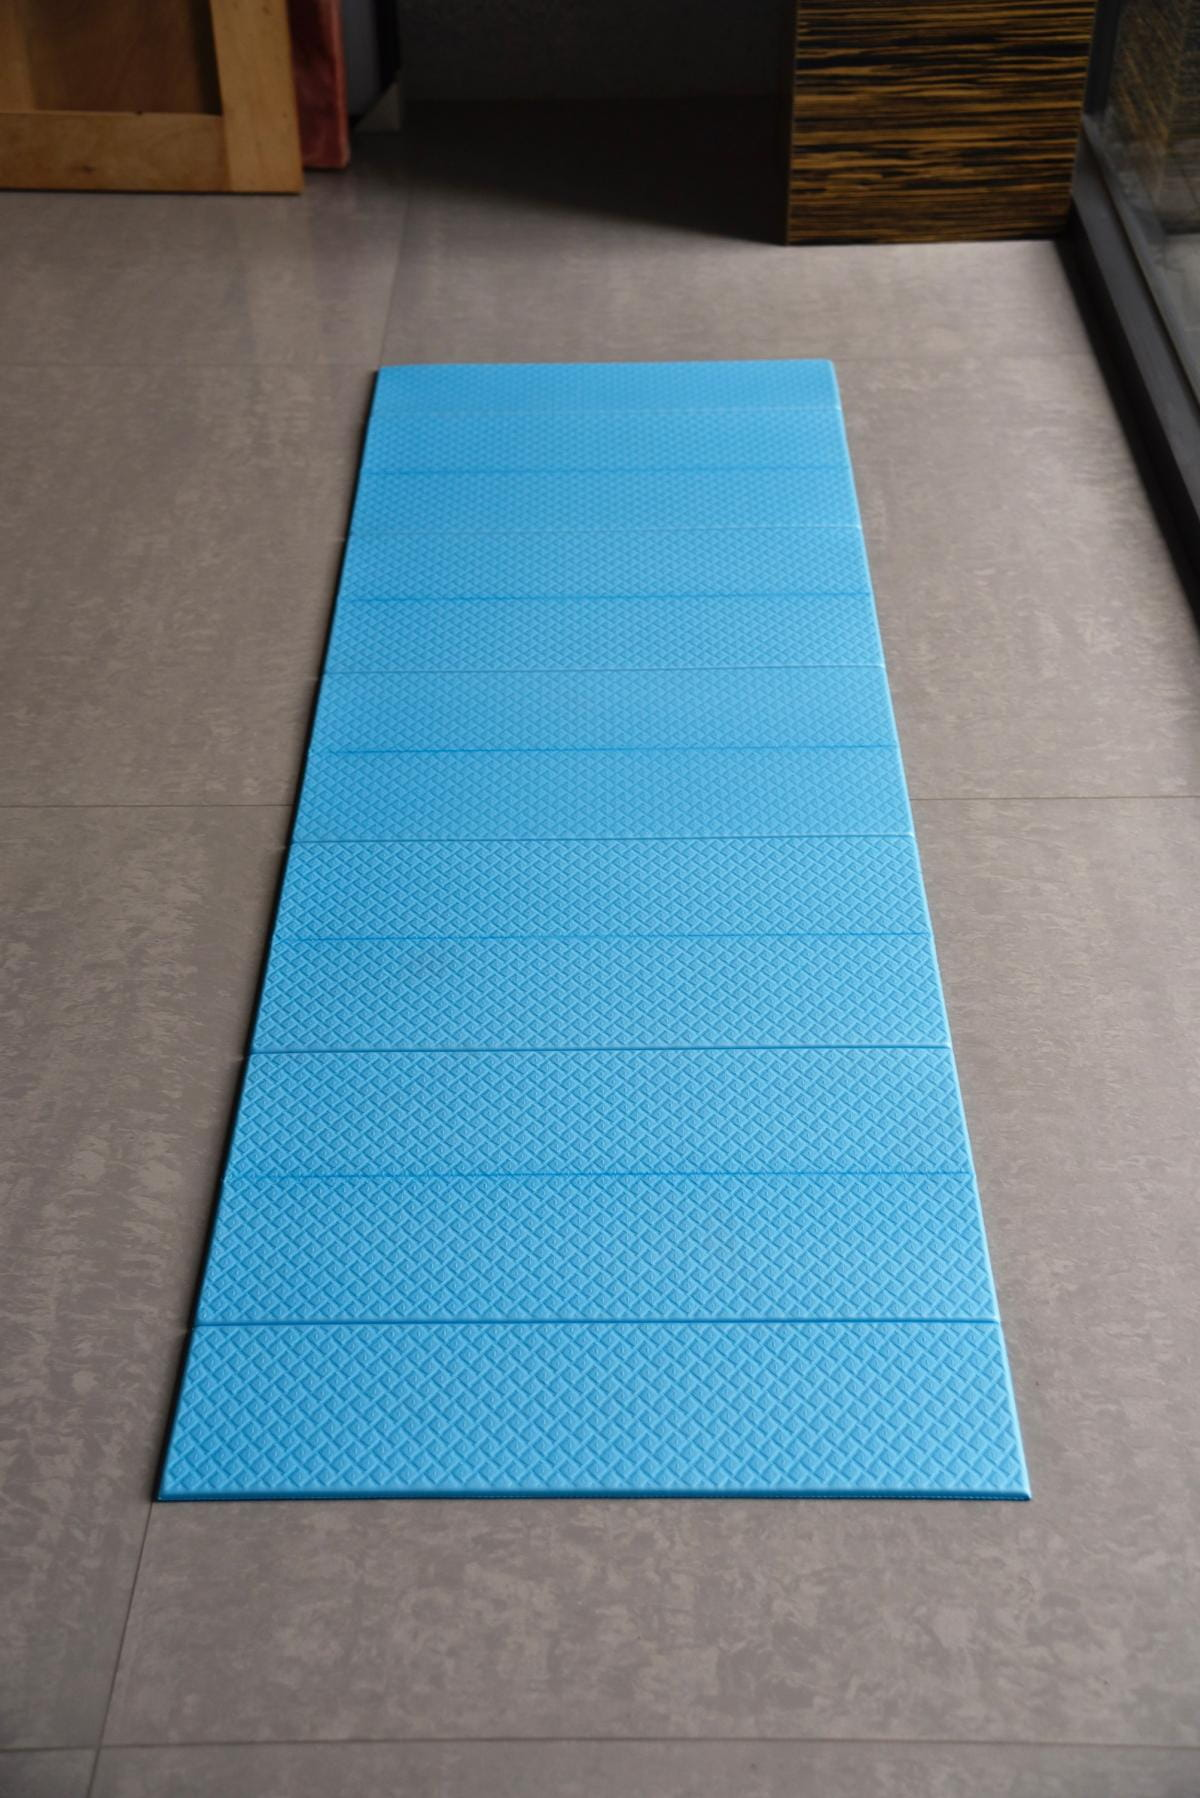 【QMAT】 12折疊瑜珈墊 一般雙色 7